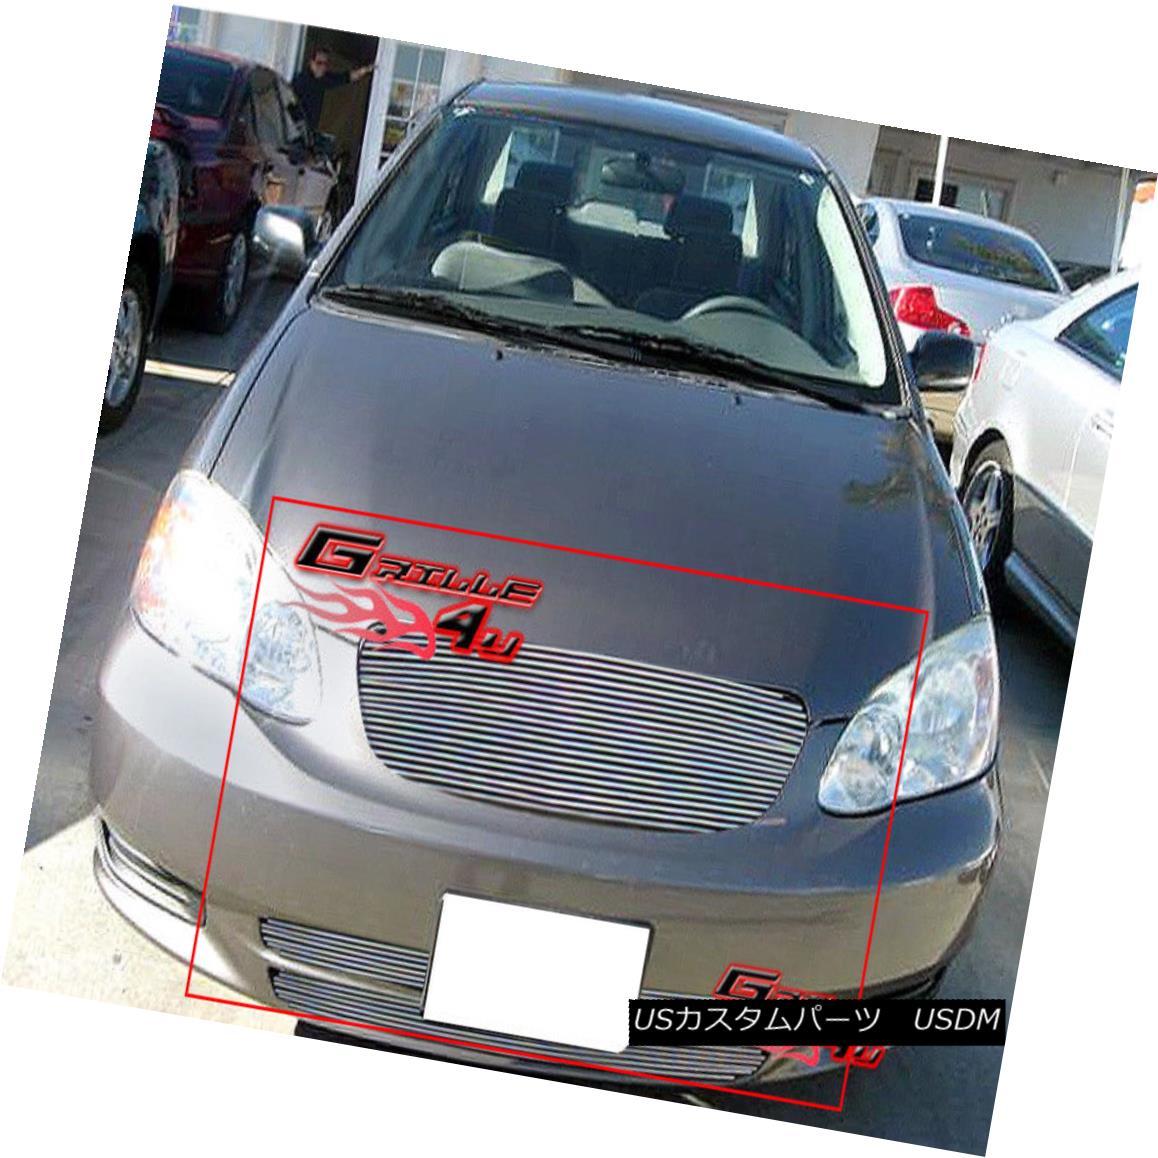 グリル For 03-04 Toyota Corolla Billet Grille Combo Insert 03-04トヨタカローラビレットグリルコンボインサート